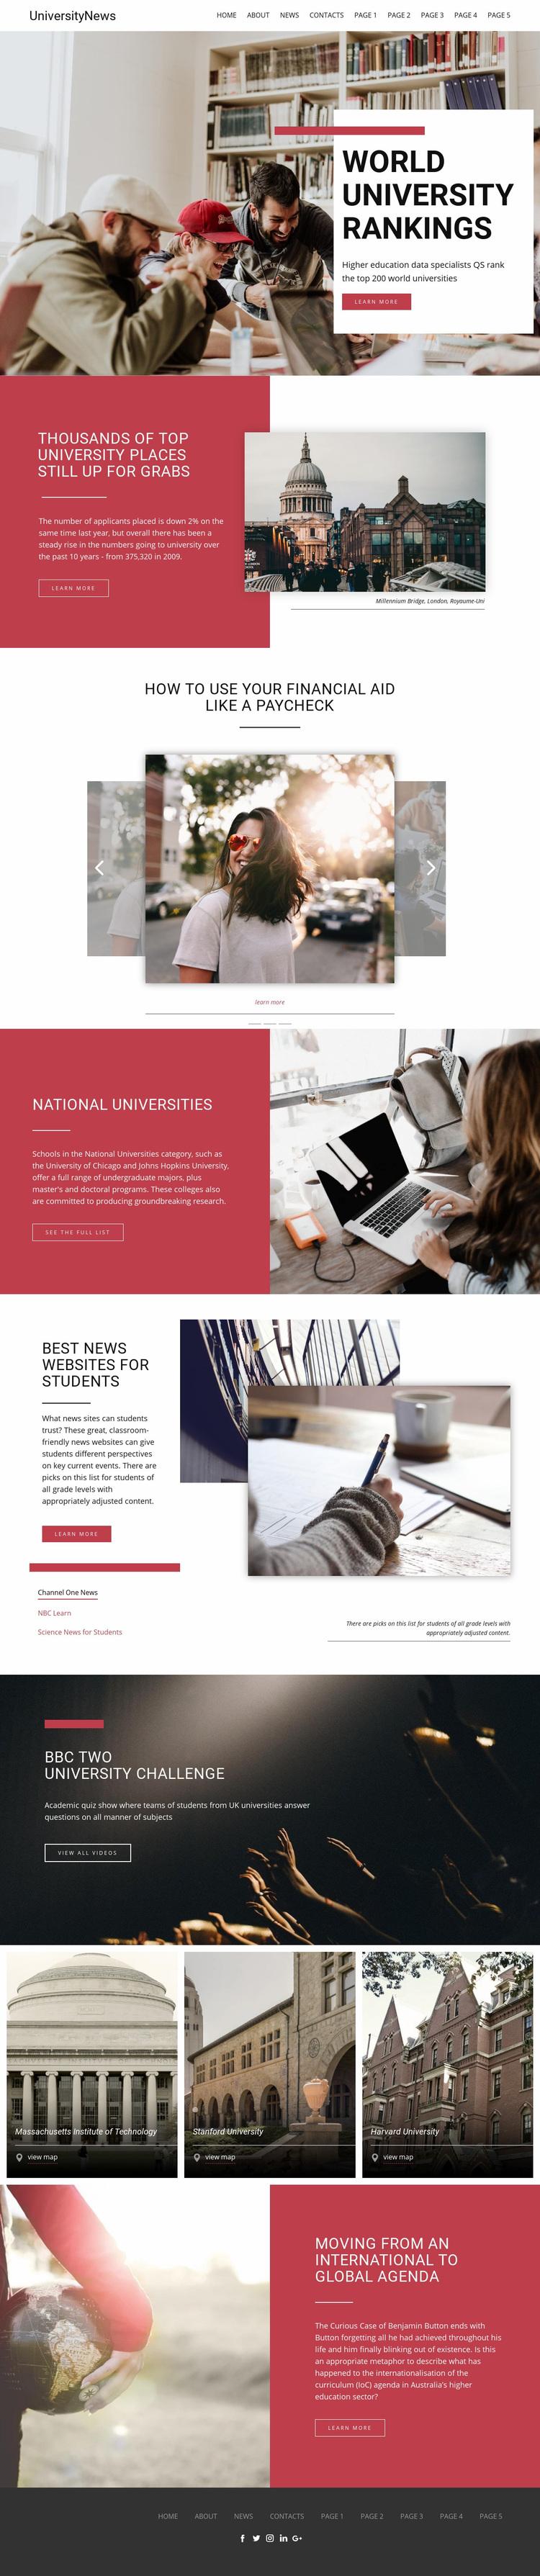 Ranking university education Web Page Designer